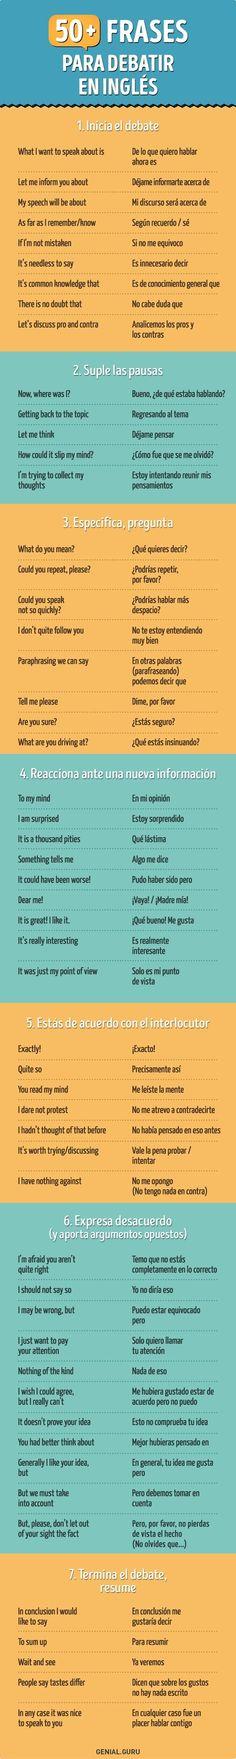 50+ Frases en inglés para que te luzcas en cualquier conversación http://genial.guru/admiracion-curiosidades/50-frases-en-ingles-para-que-te-luzcas-en-cualquier-conversacion-150305/